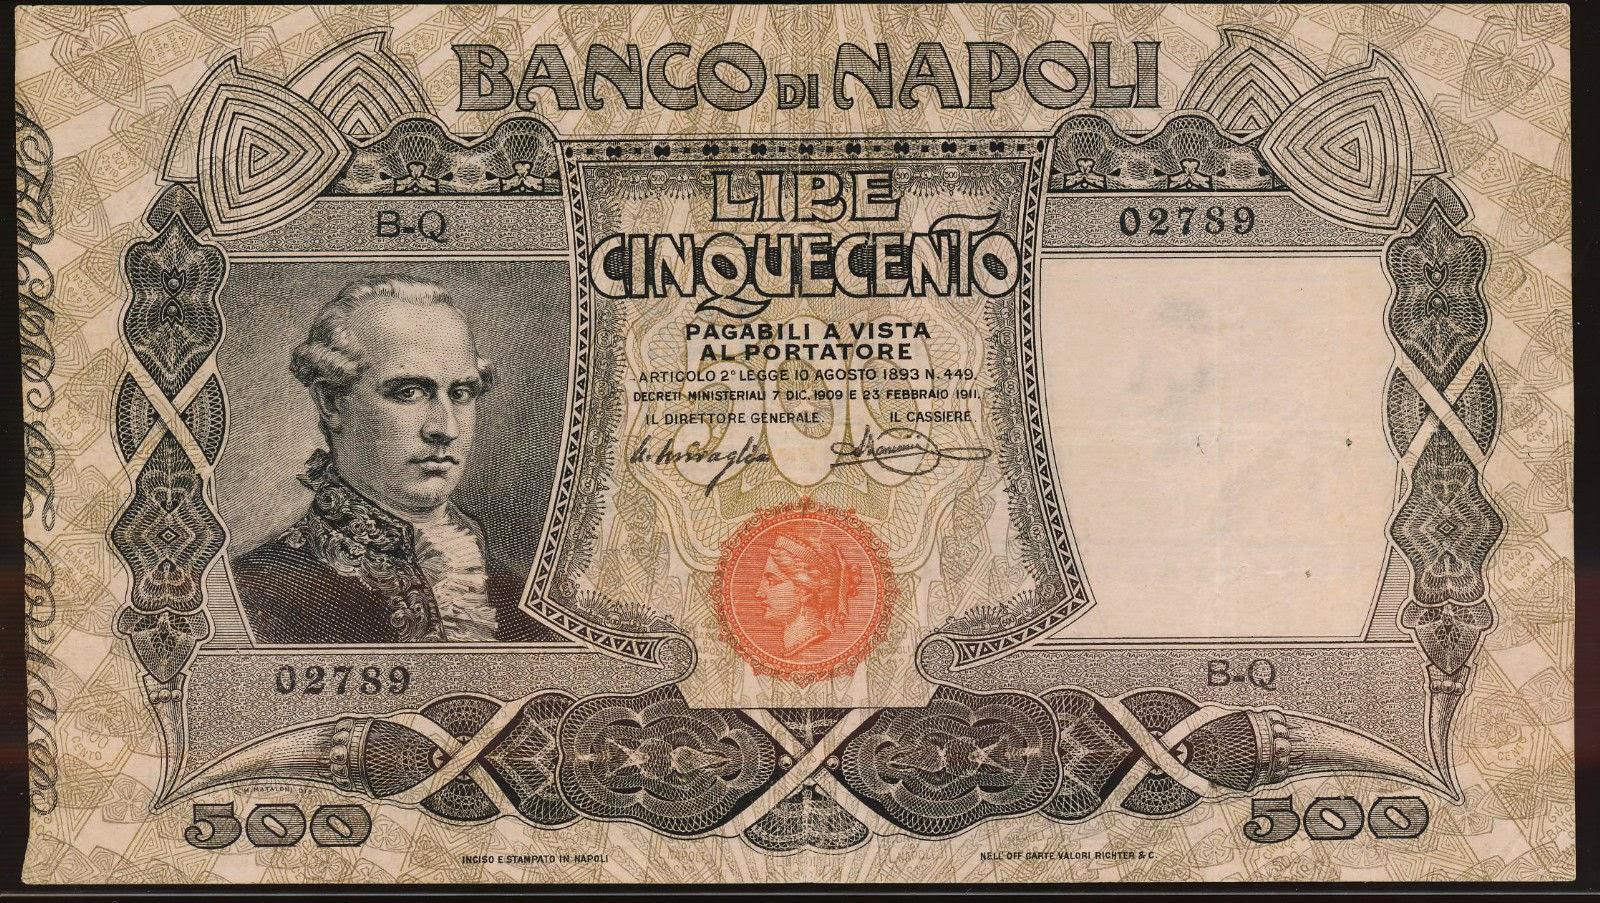 Italy 500 Lire banknote Banco di Napoli